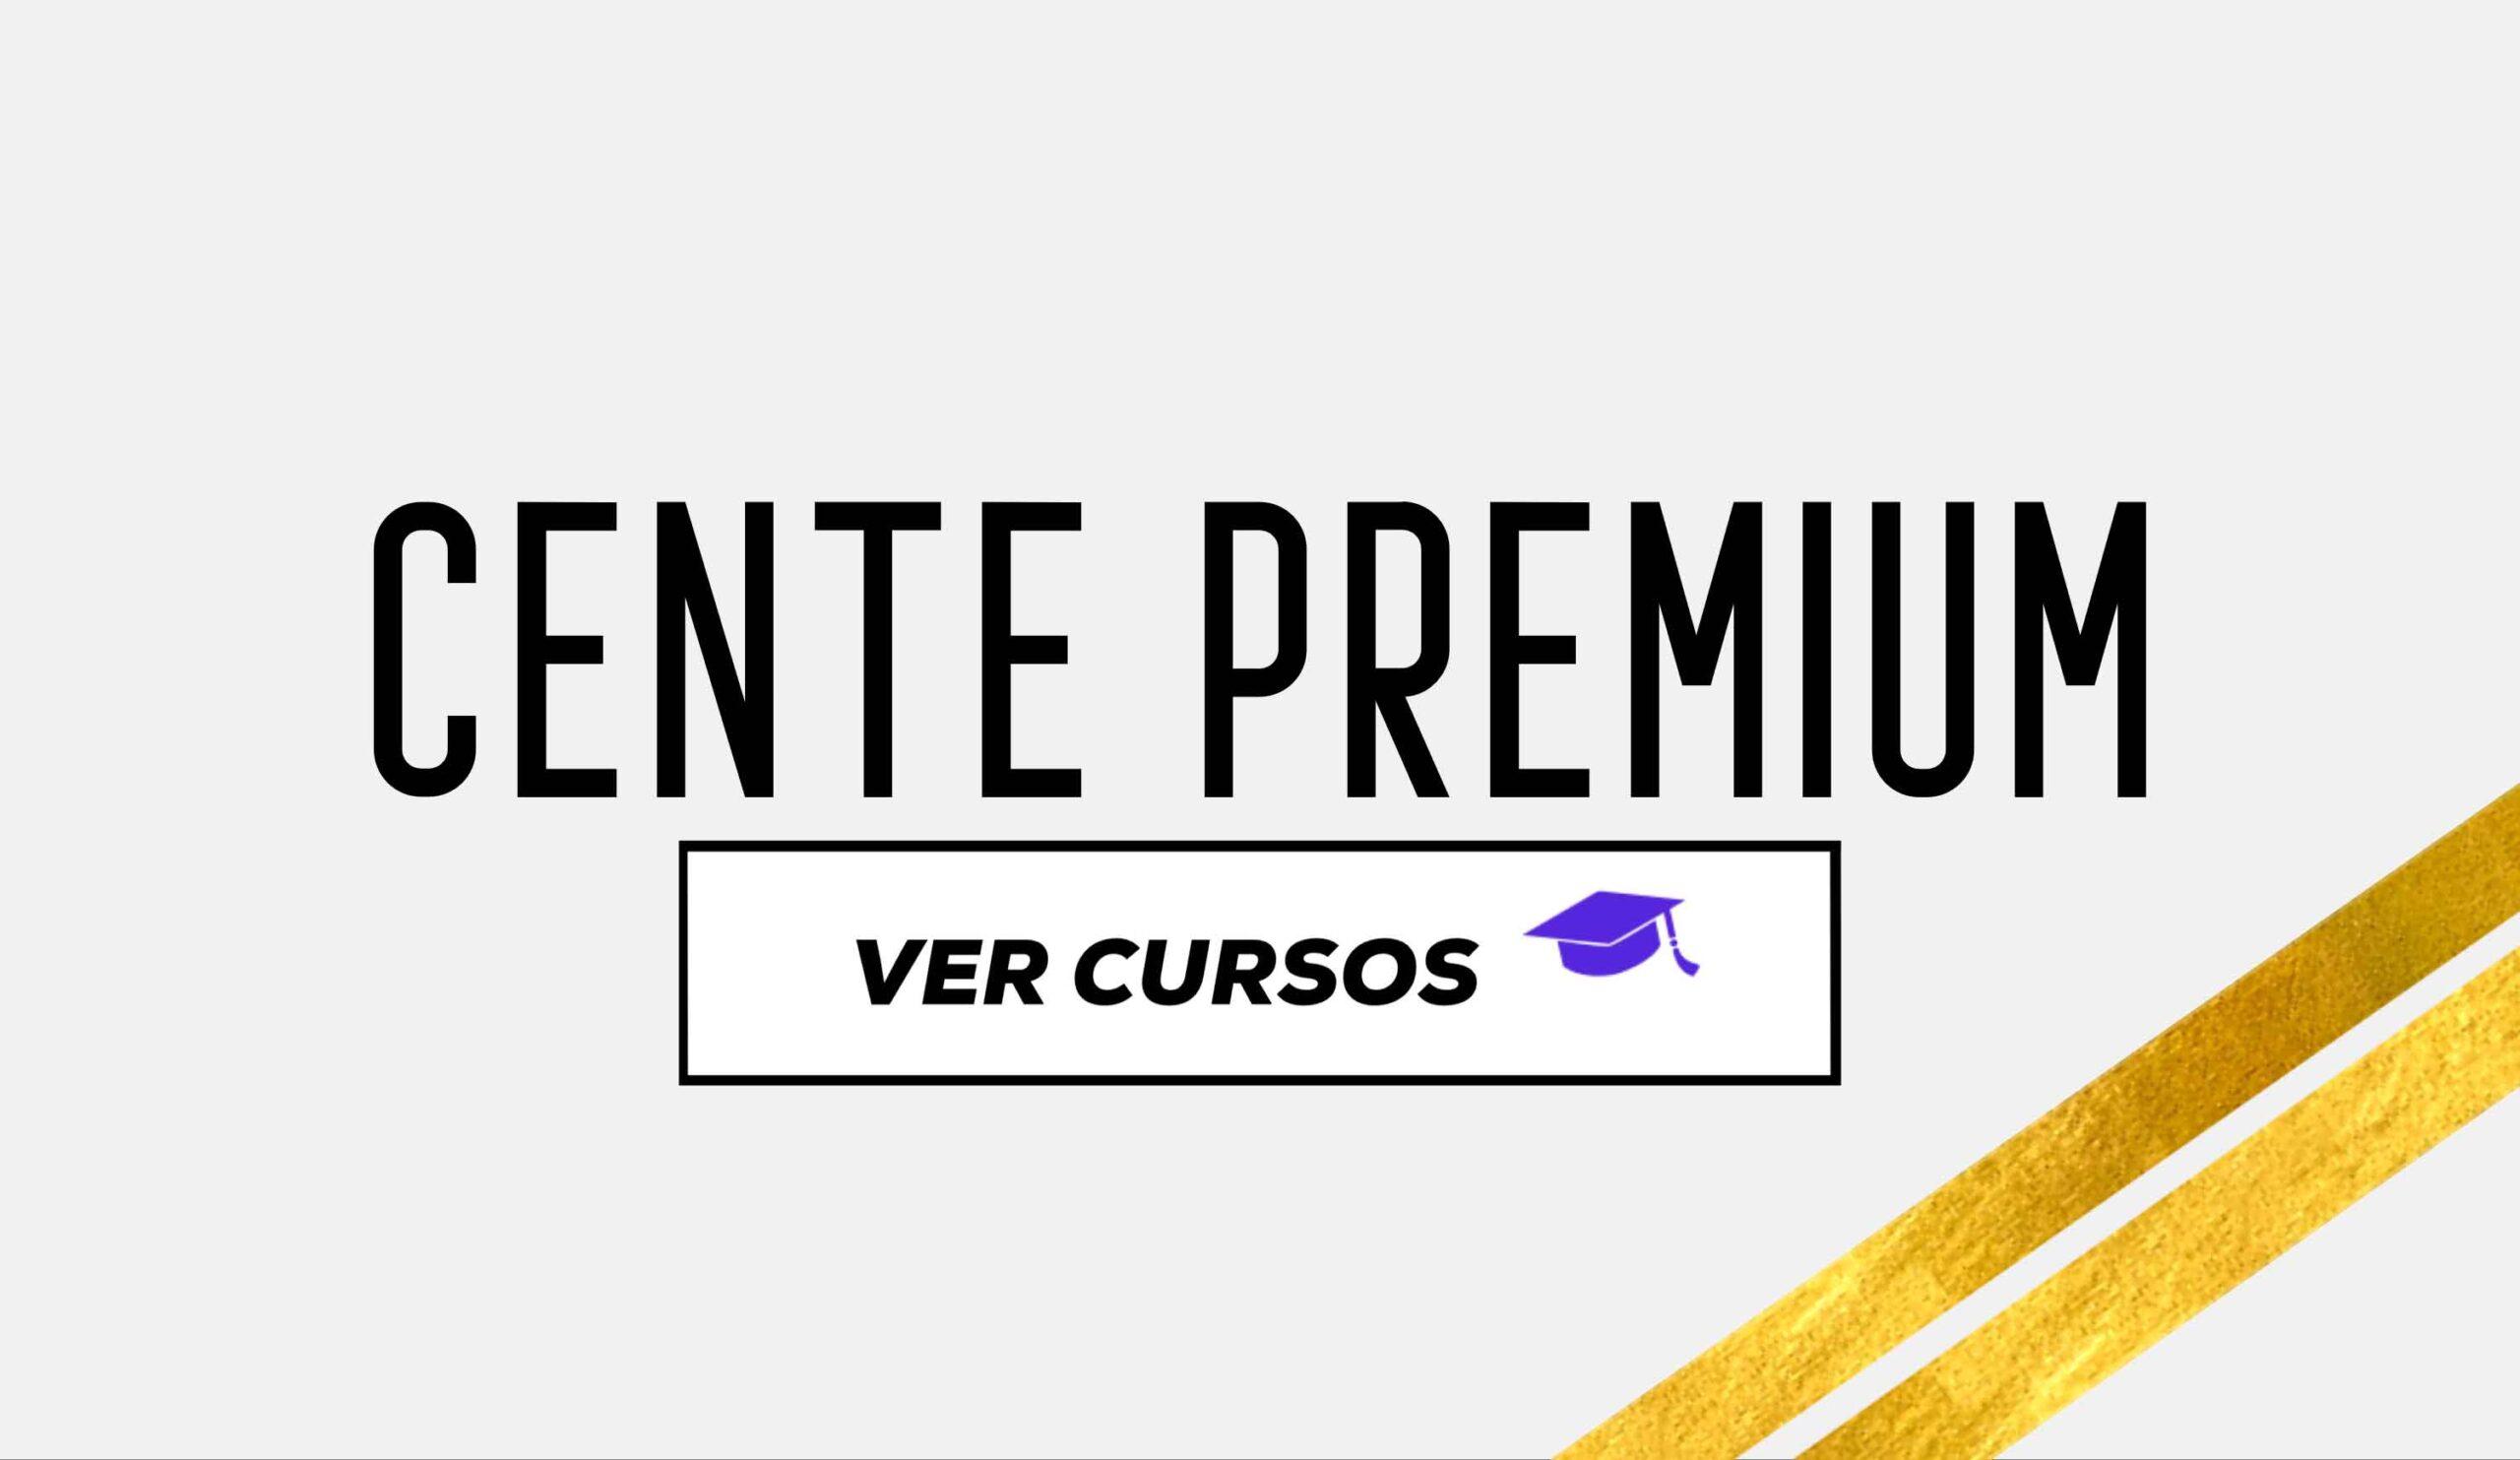 cursos premium cente